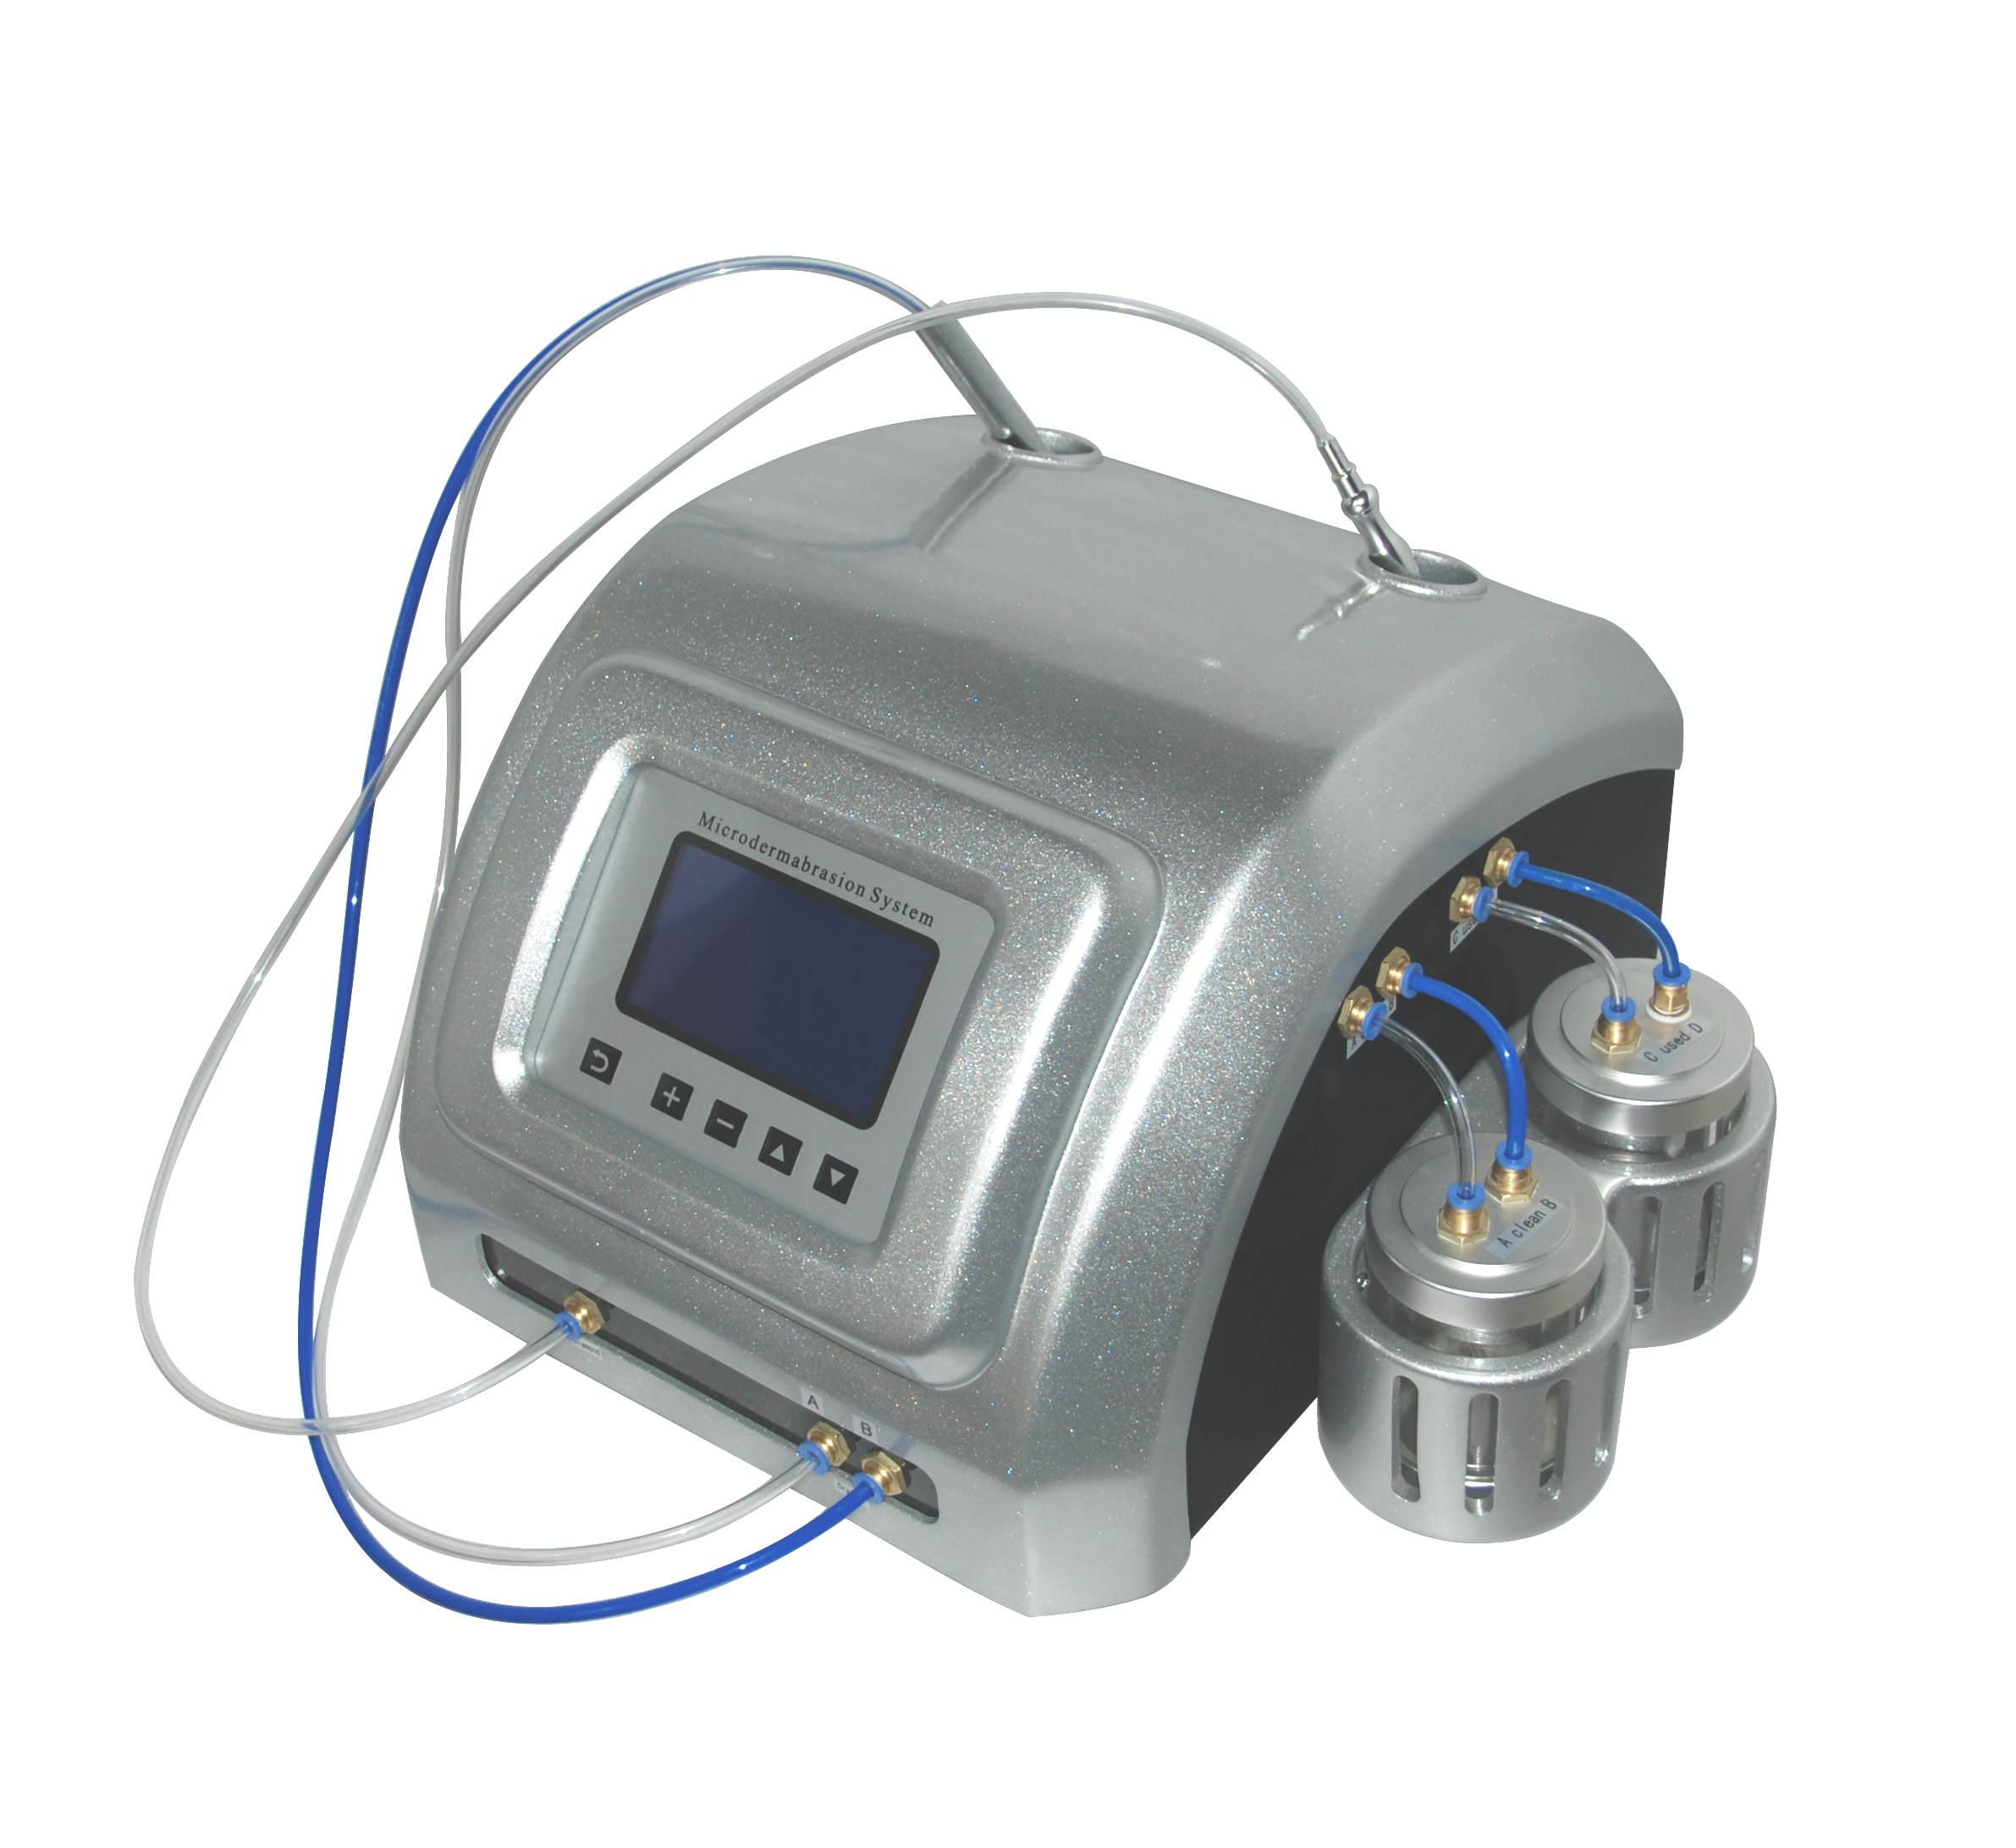 Konmison new premium 2 in 1 buccia microdermoabrasione ossigeno dermoabrasione dispositivo